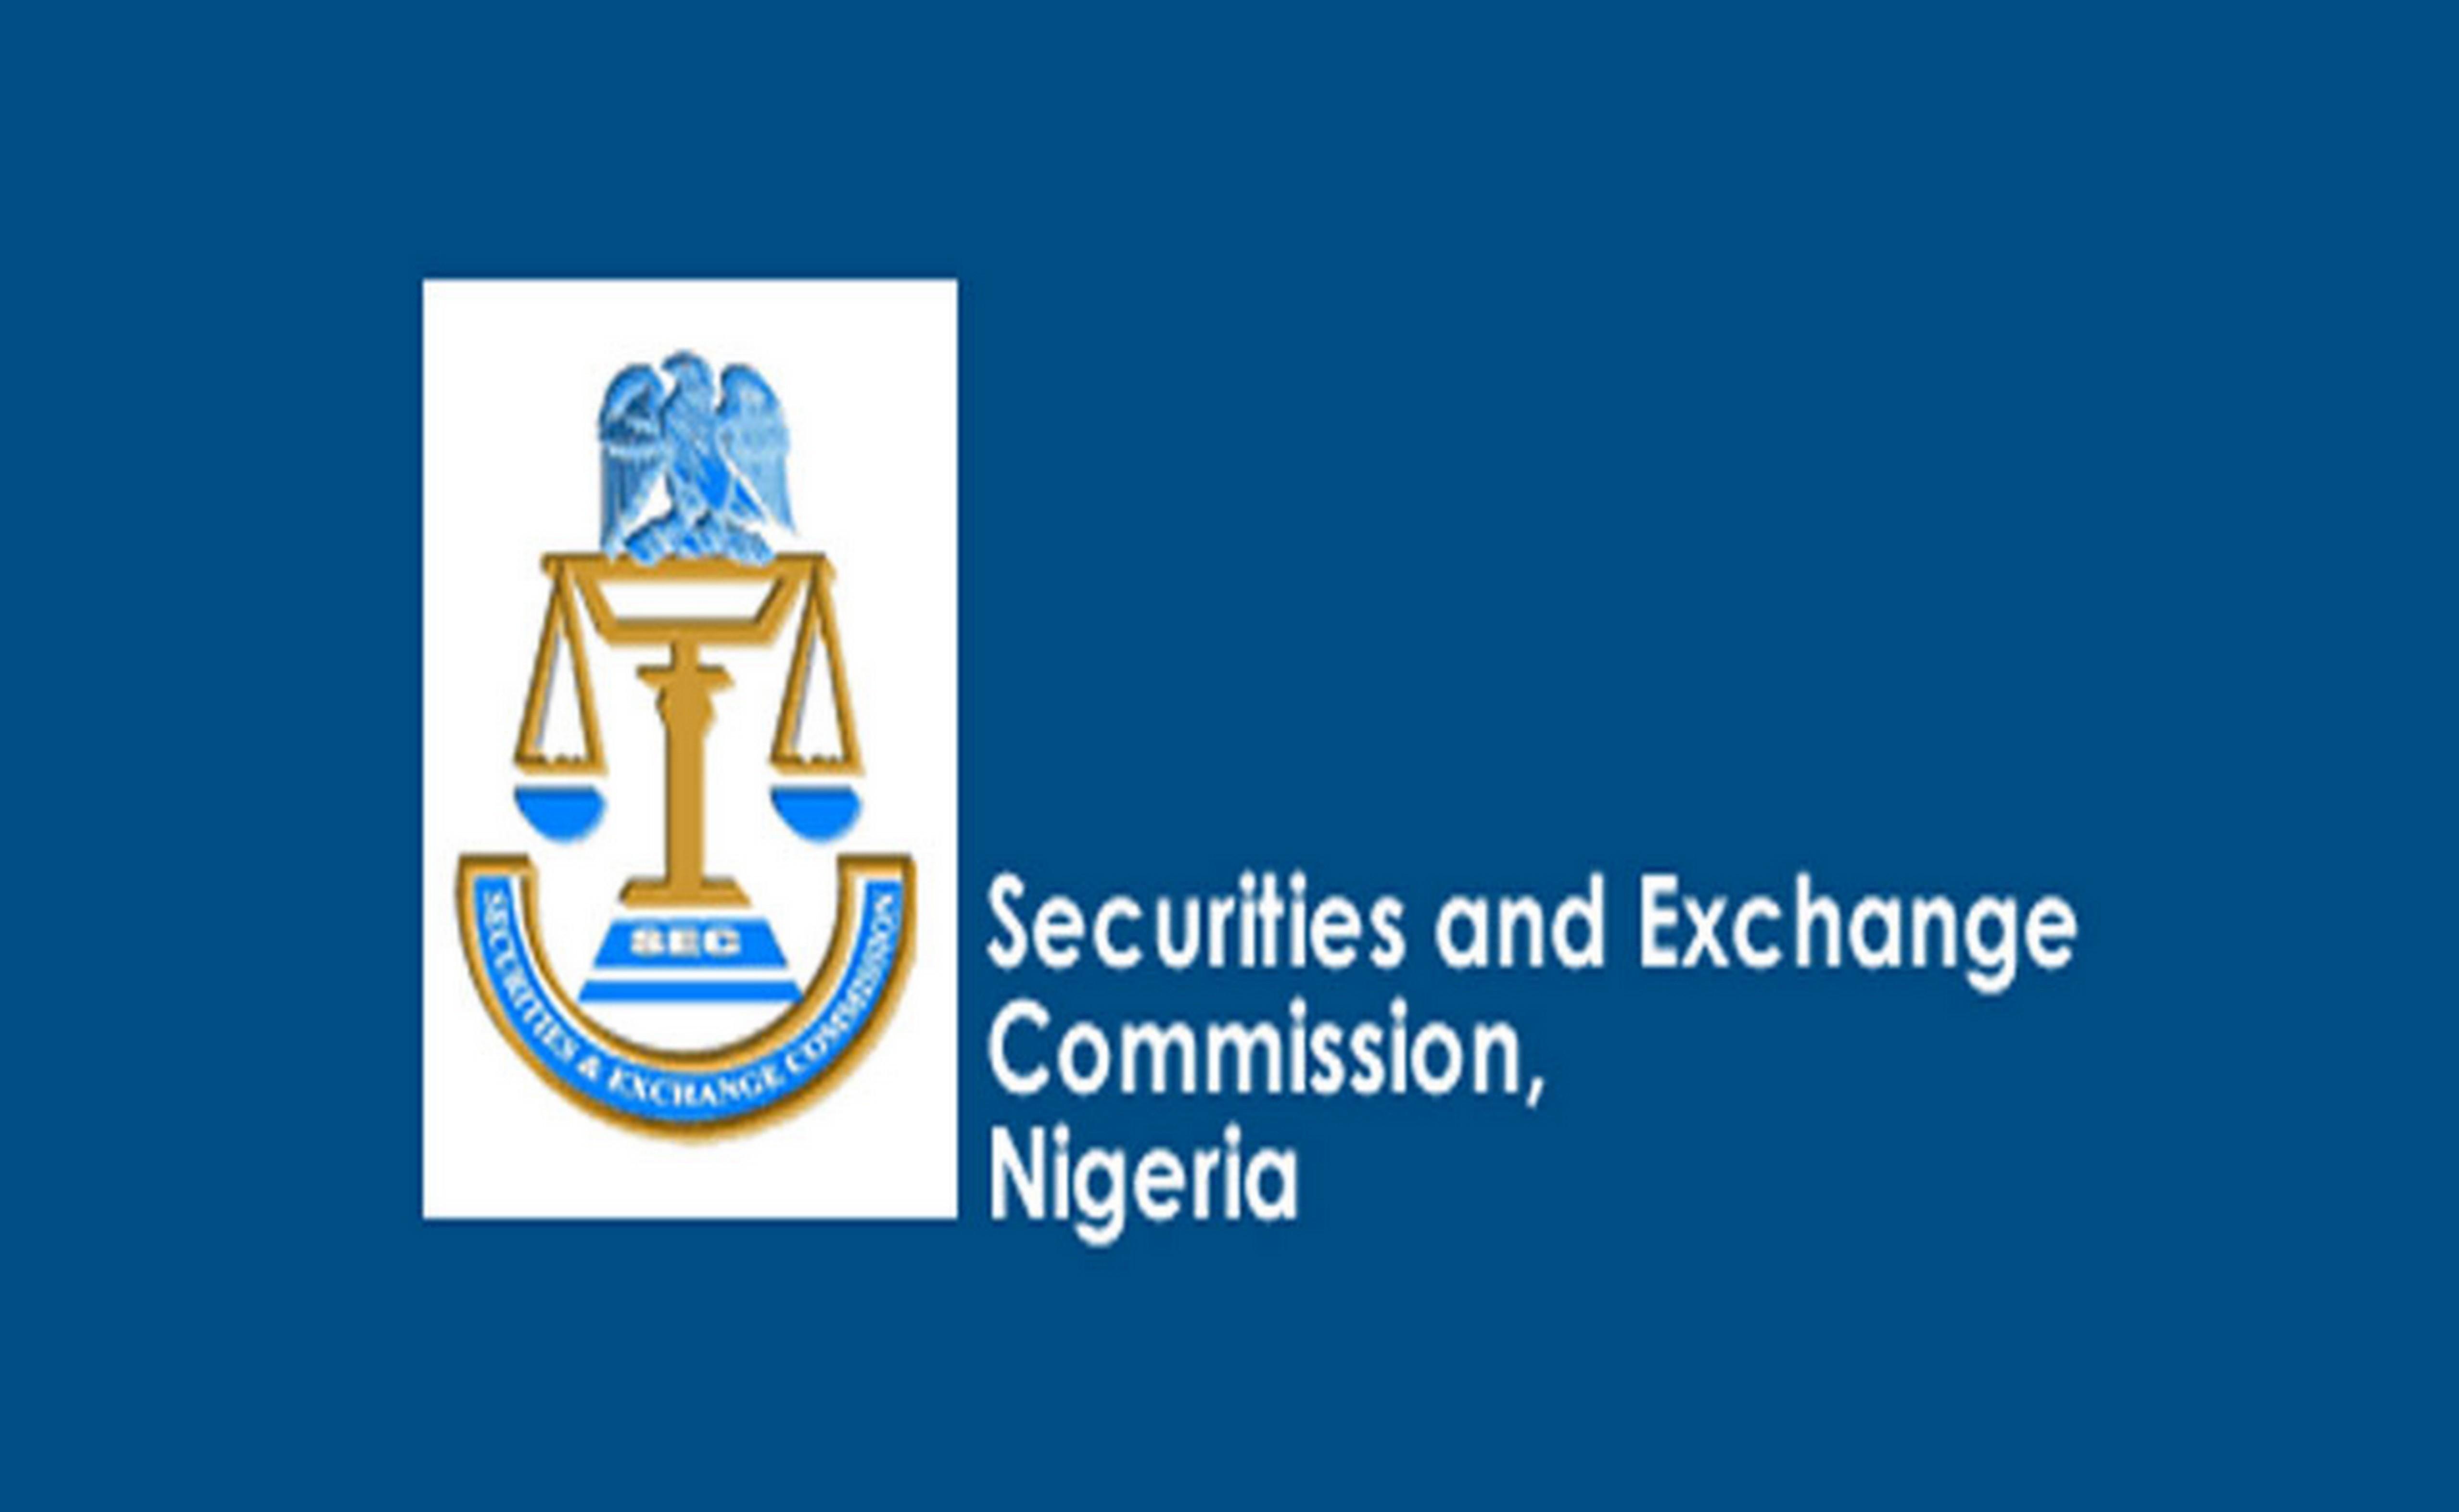 SEC e1461704754563 - SEC spent ₦315 million on e-dividend registration for shareholders